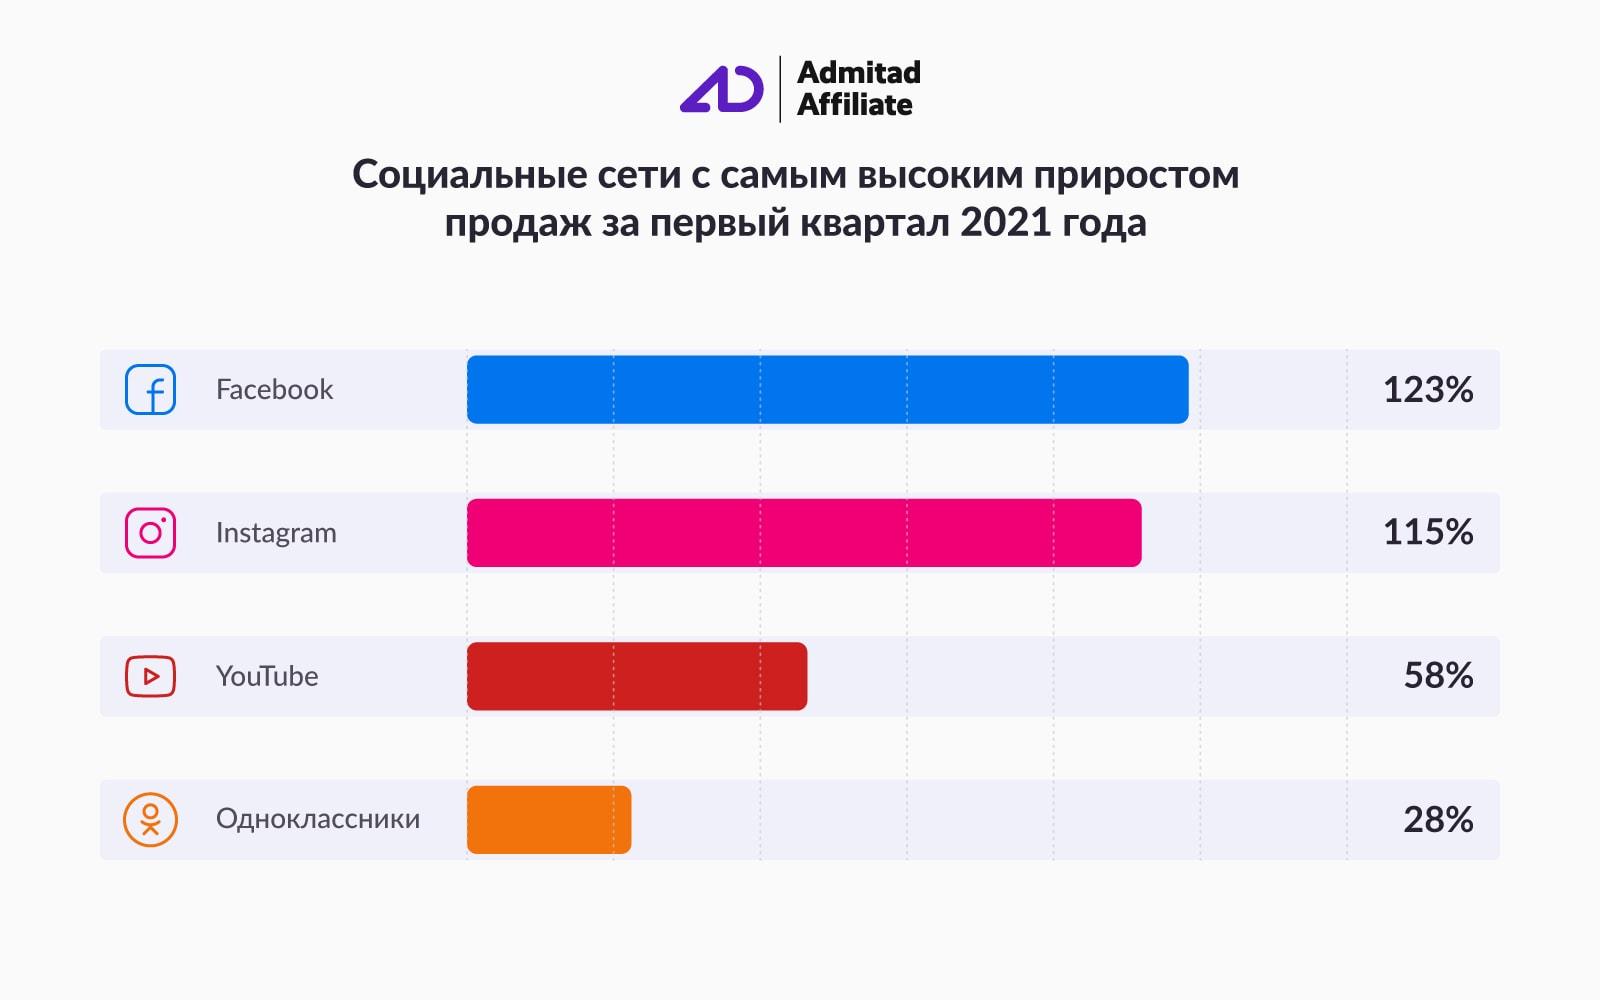 Admitad: продажи в соцсетях выросли на 36% за первый квартал 2021